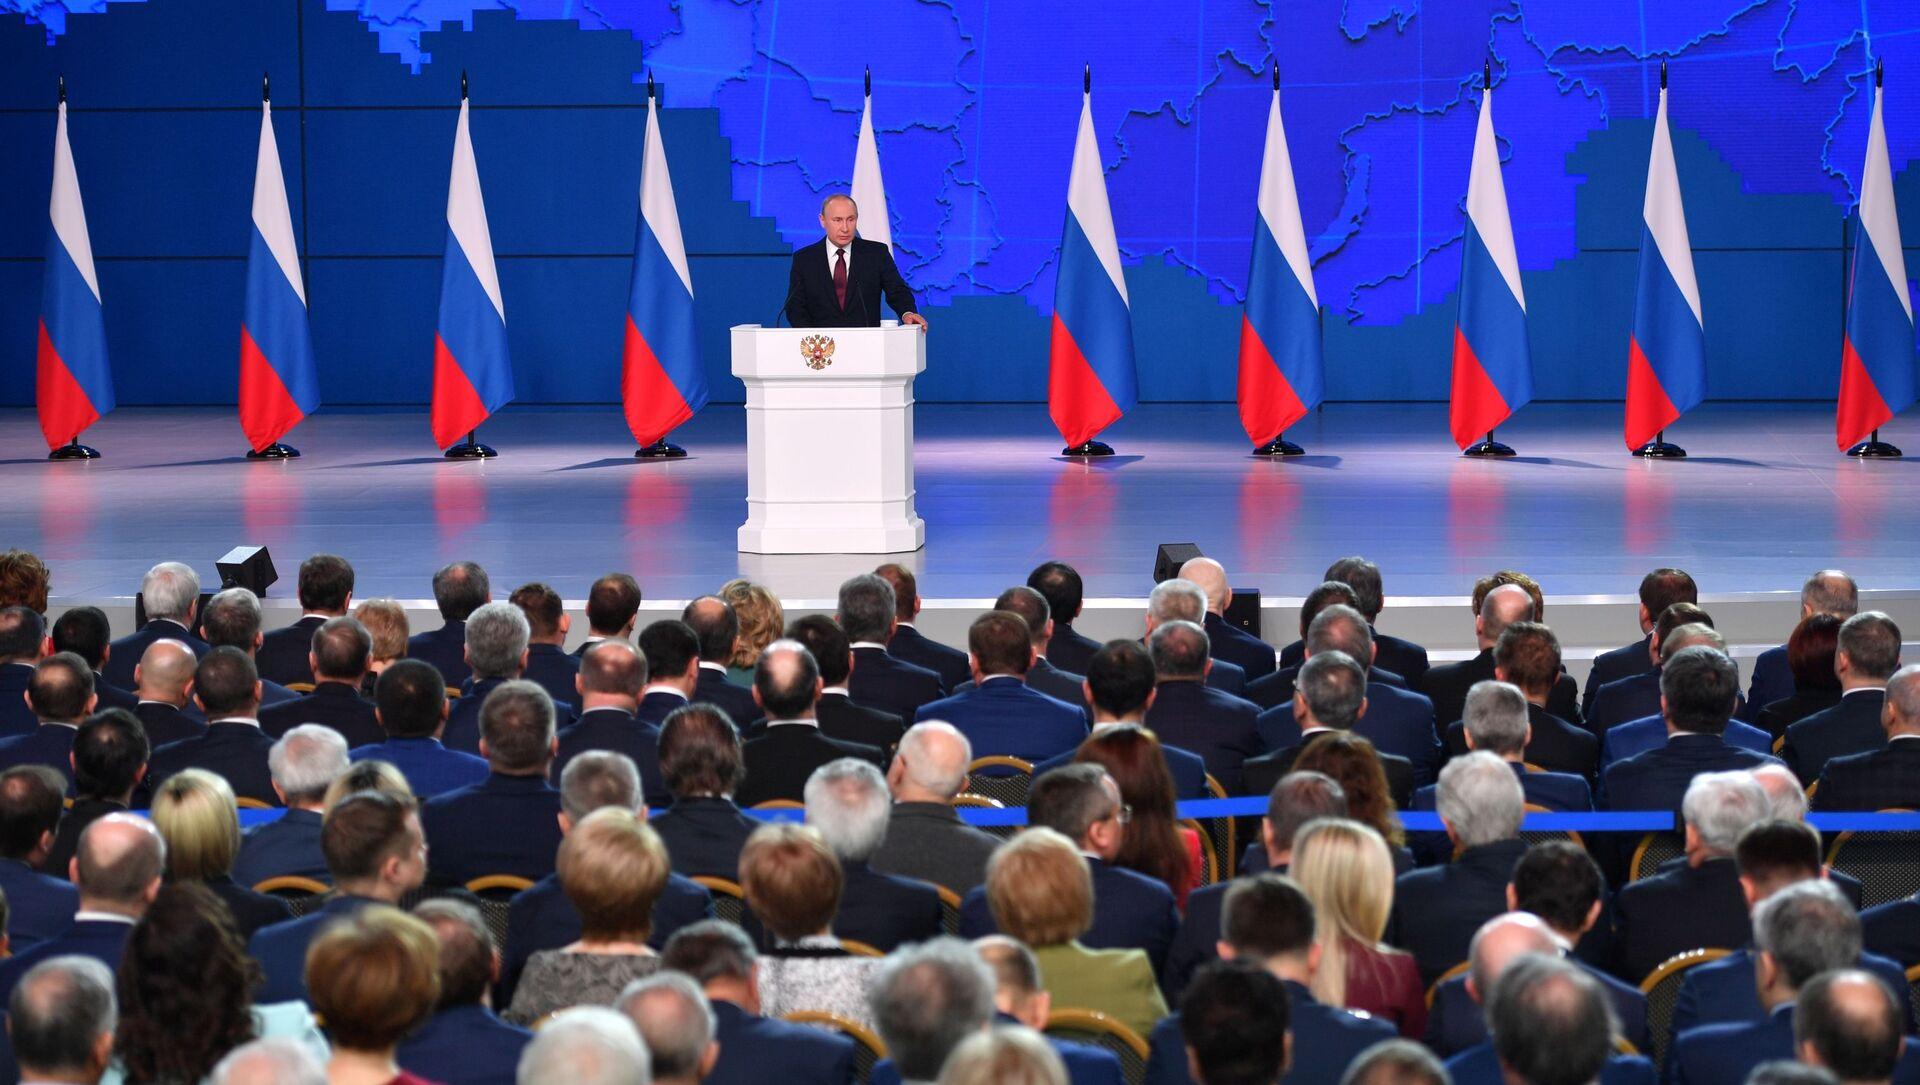 Thông điệp của Tổng thống V.Putin gửi Quốc hội LB Nga - Sputnik Việt Nam, 1920, 05.04.2021